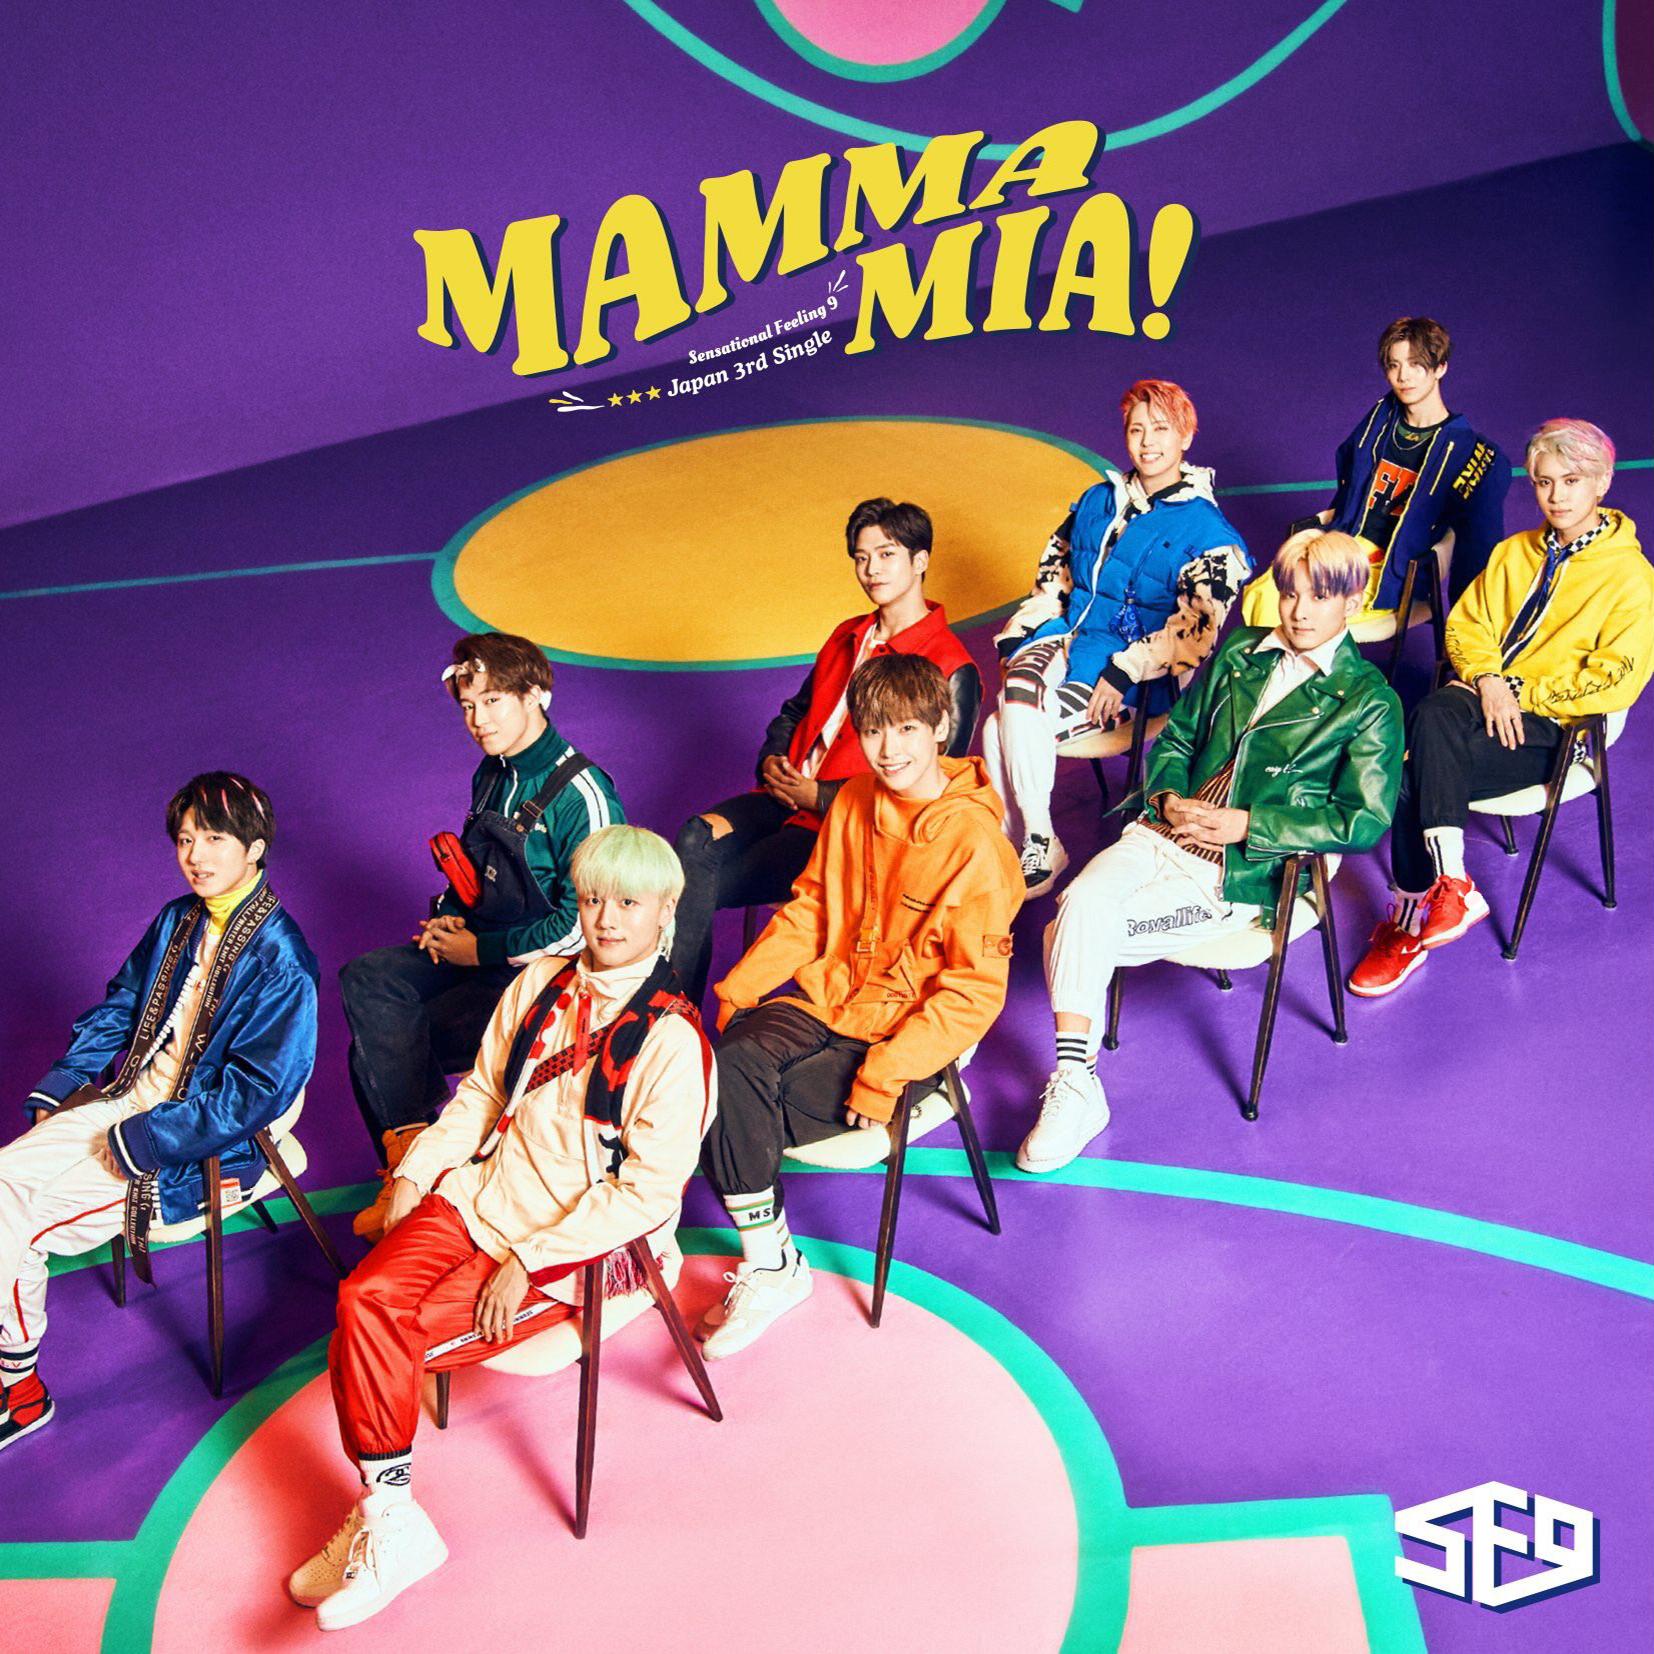 Mamma Mia! (японский сингл)